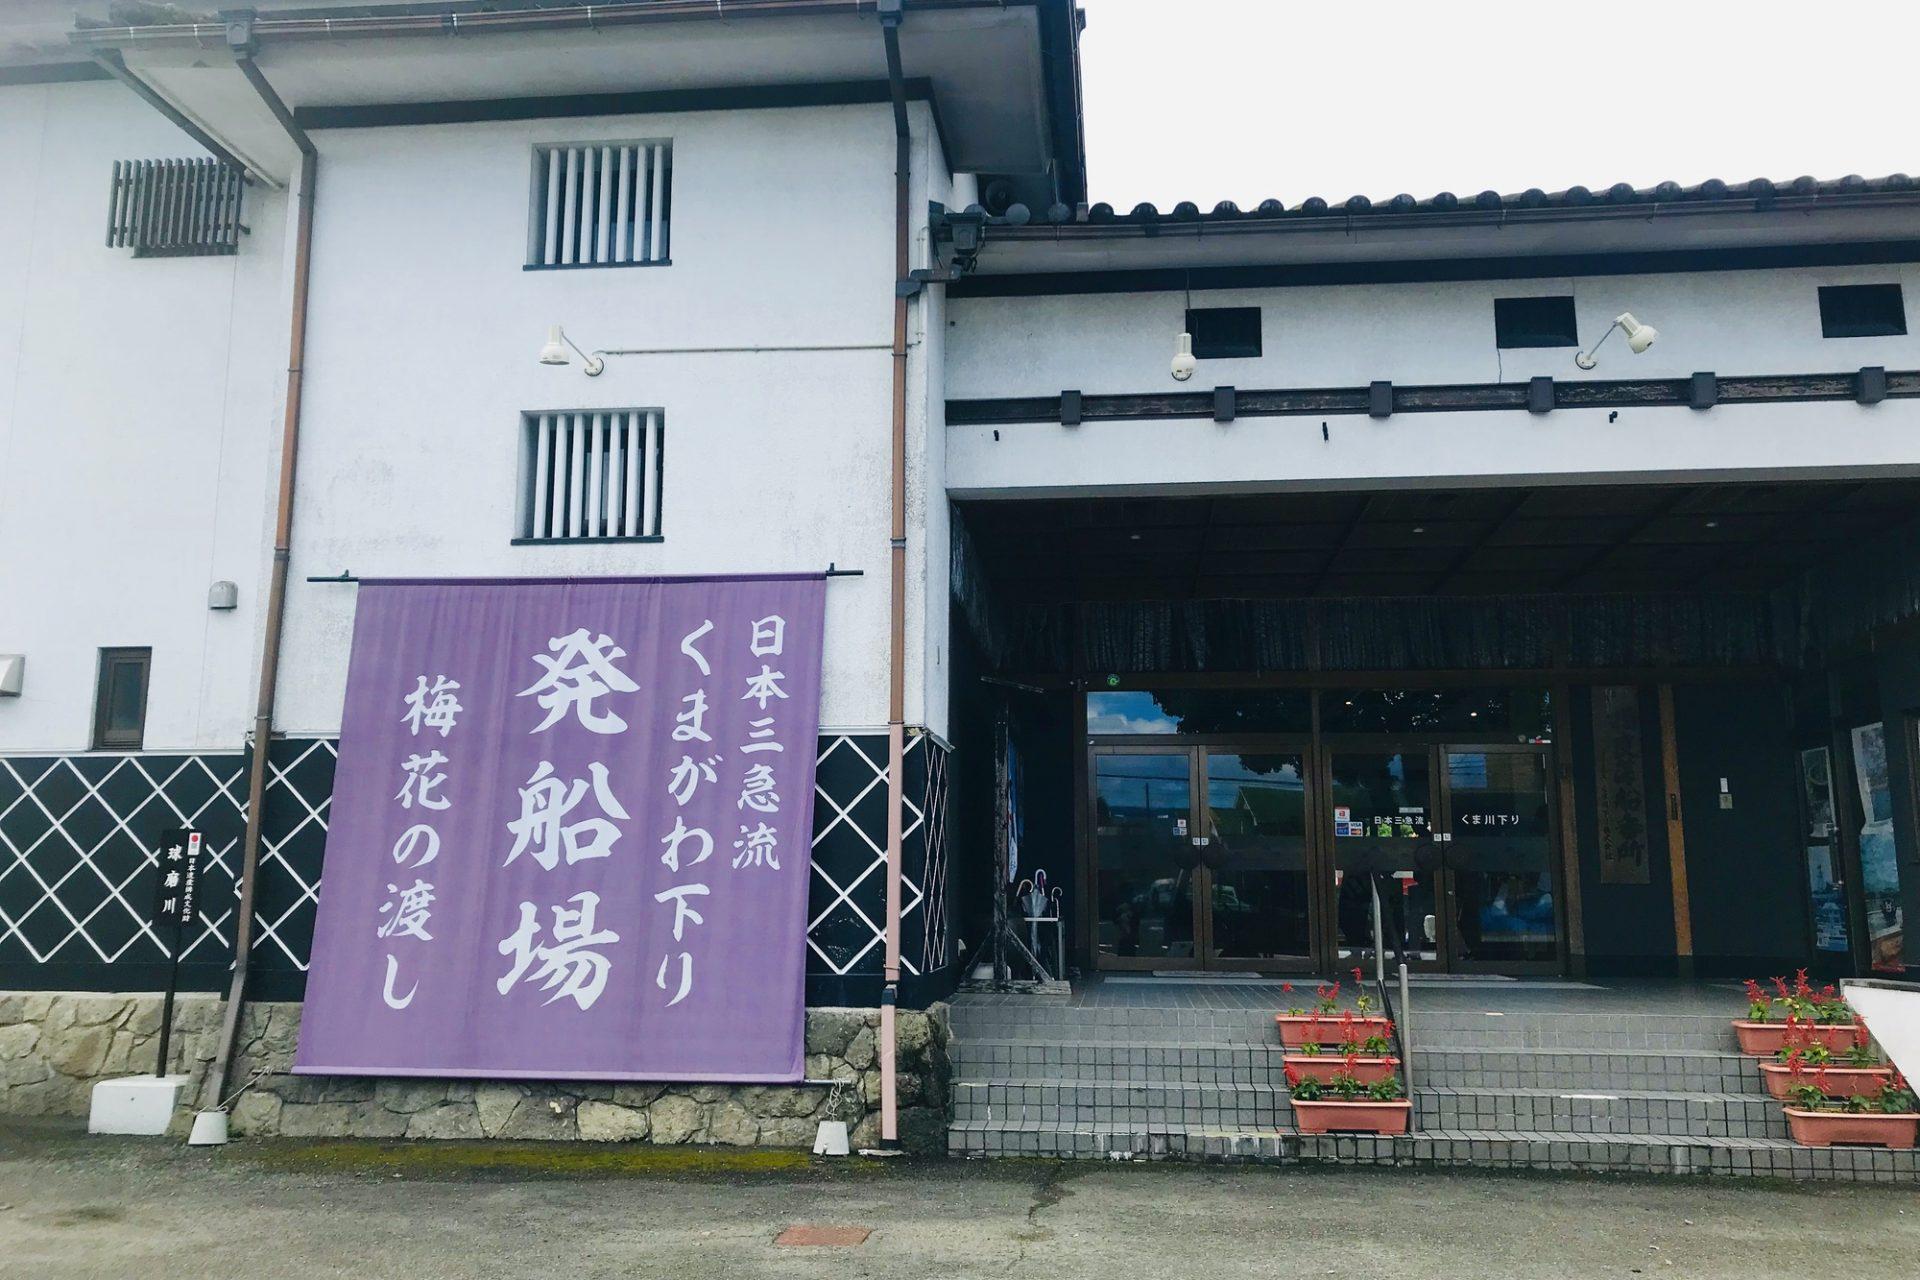 乗船場 熊本県 人吉市 球磨川くだり 九州 観光 旅行